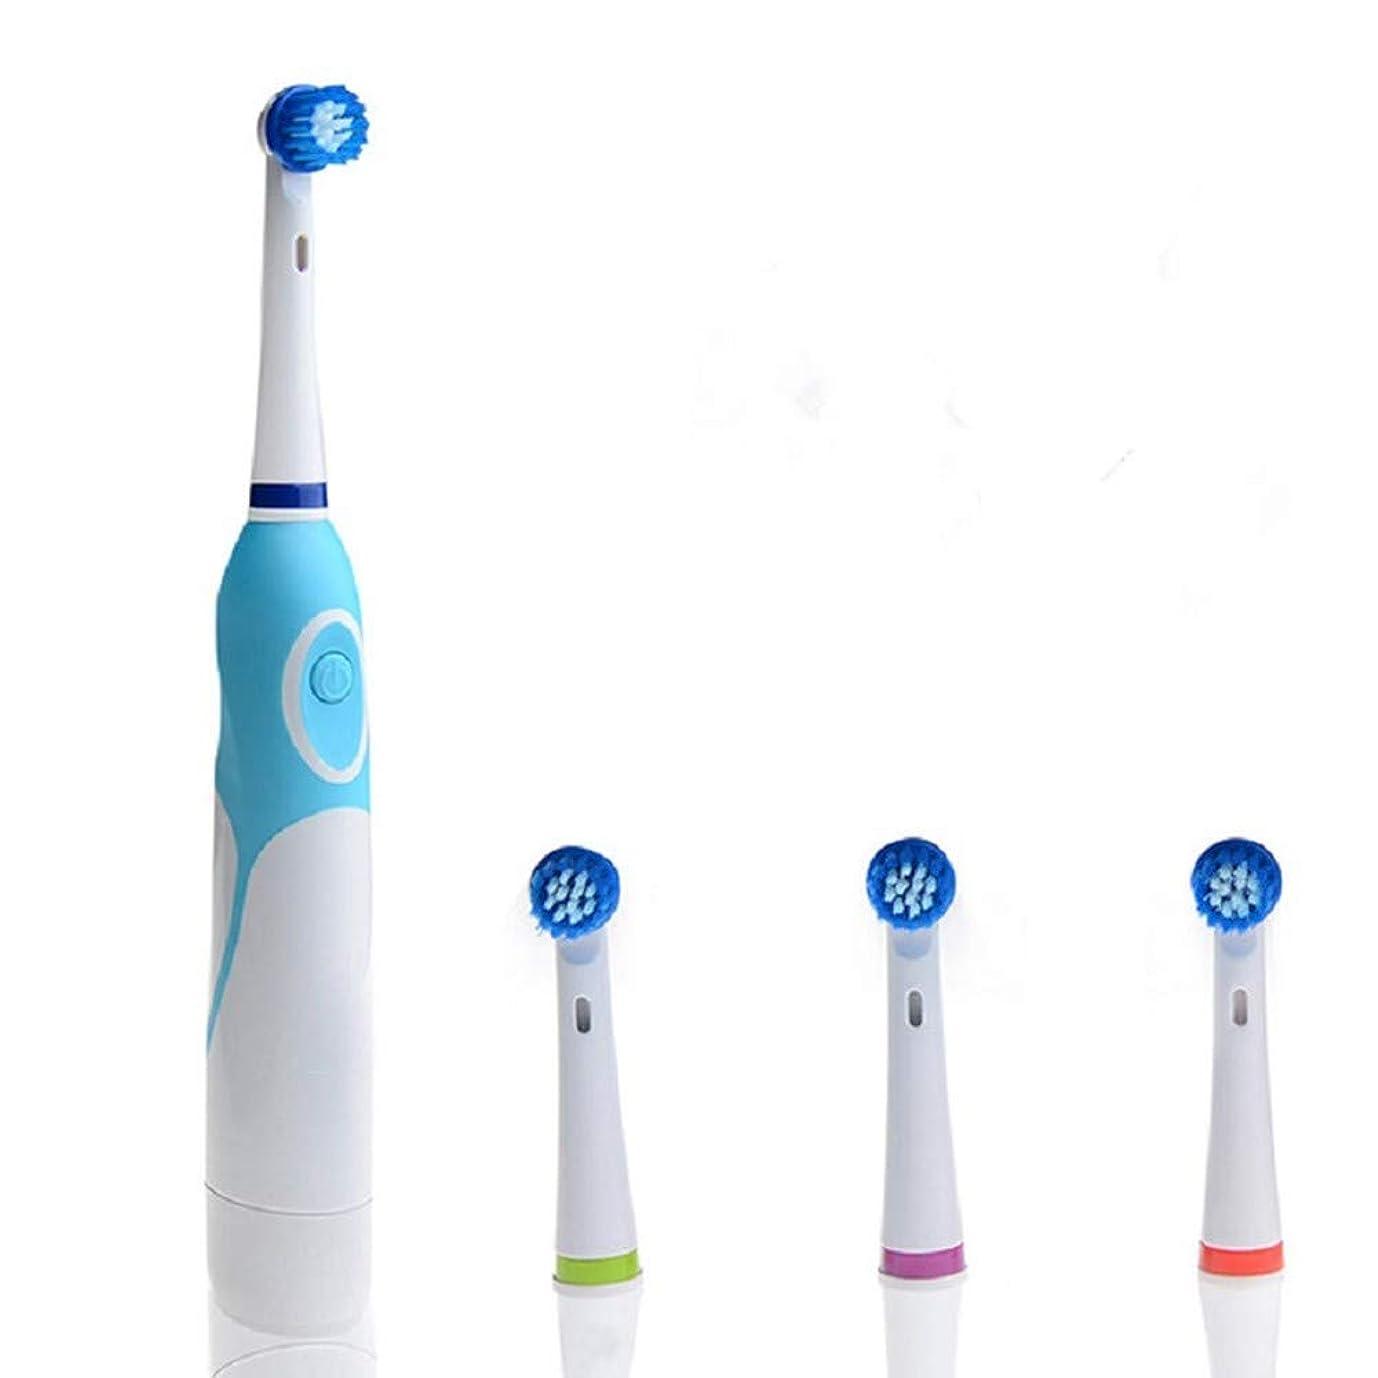 不完全ファイバ災難電動歯ブラシ電動歯ブラシ回転歯ブラシ4回転ヘッド付き口腔衛生オーラルディープクリーニング用大人用